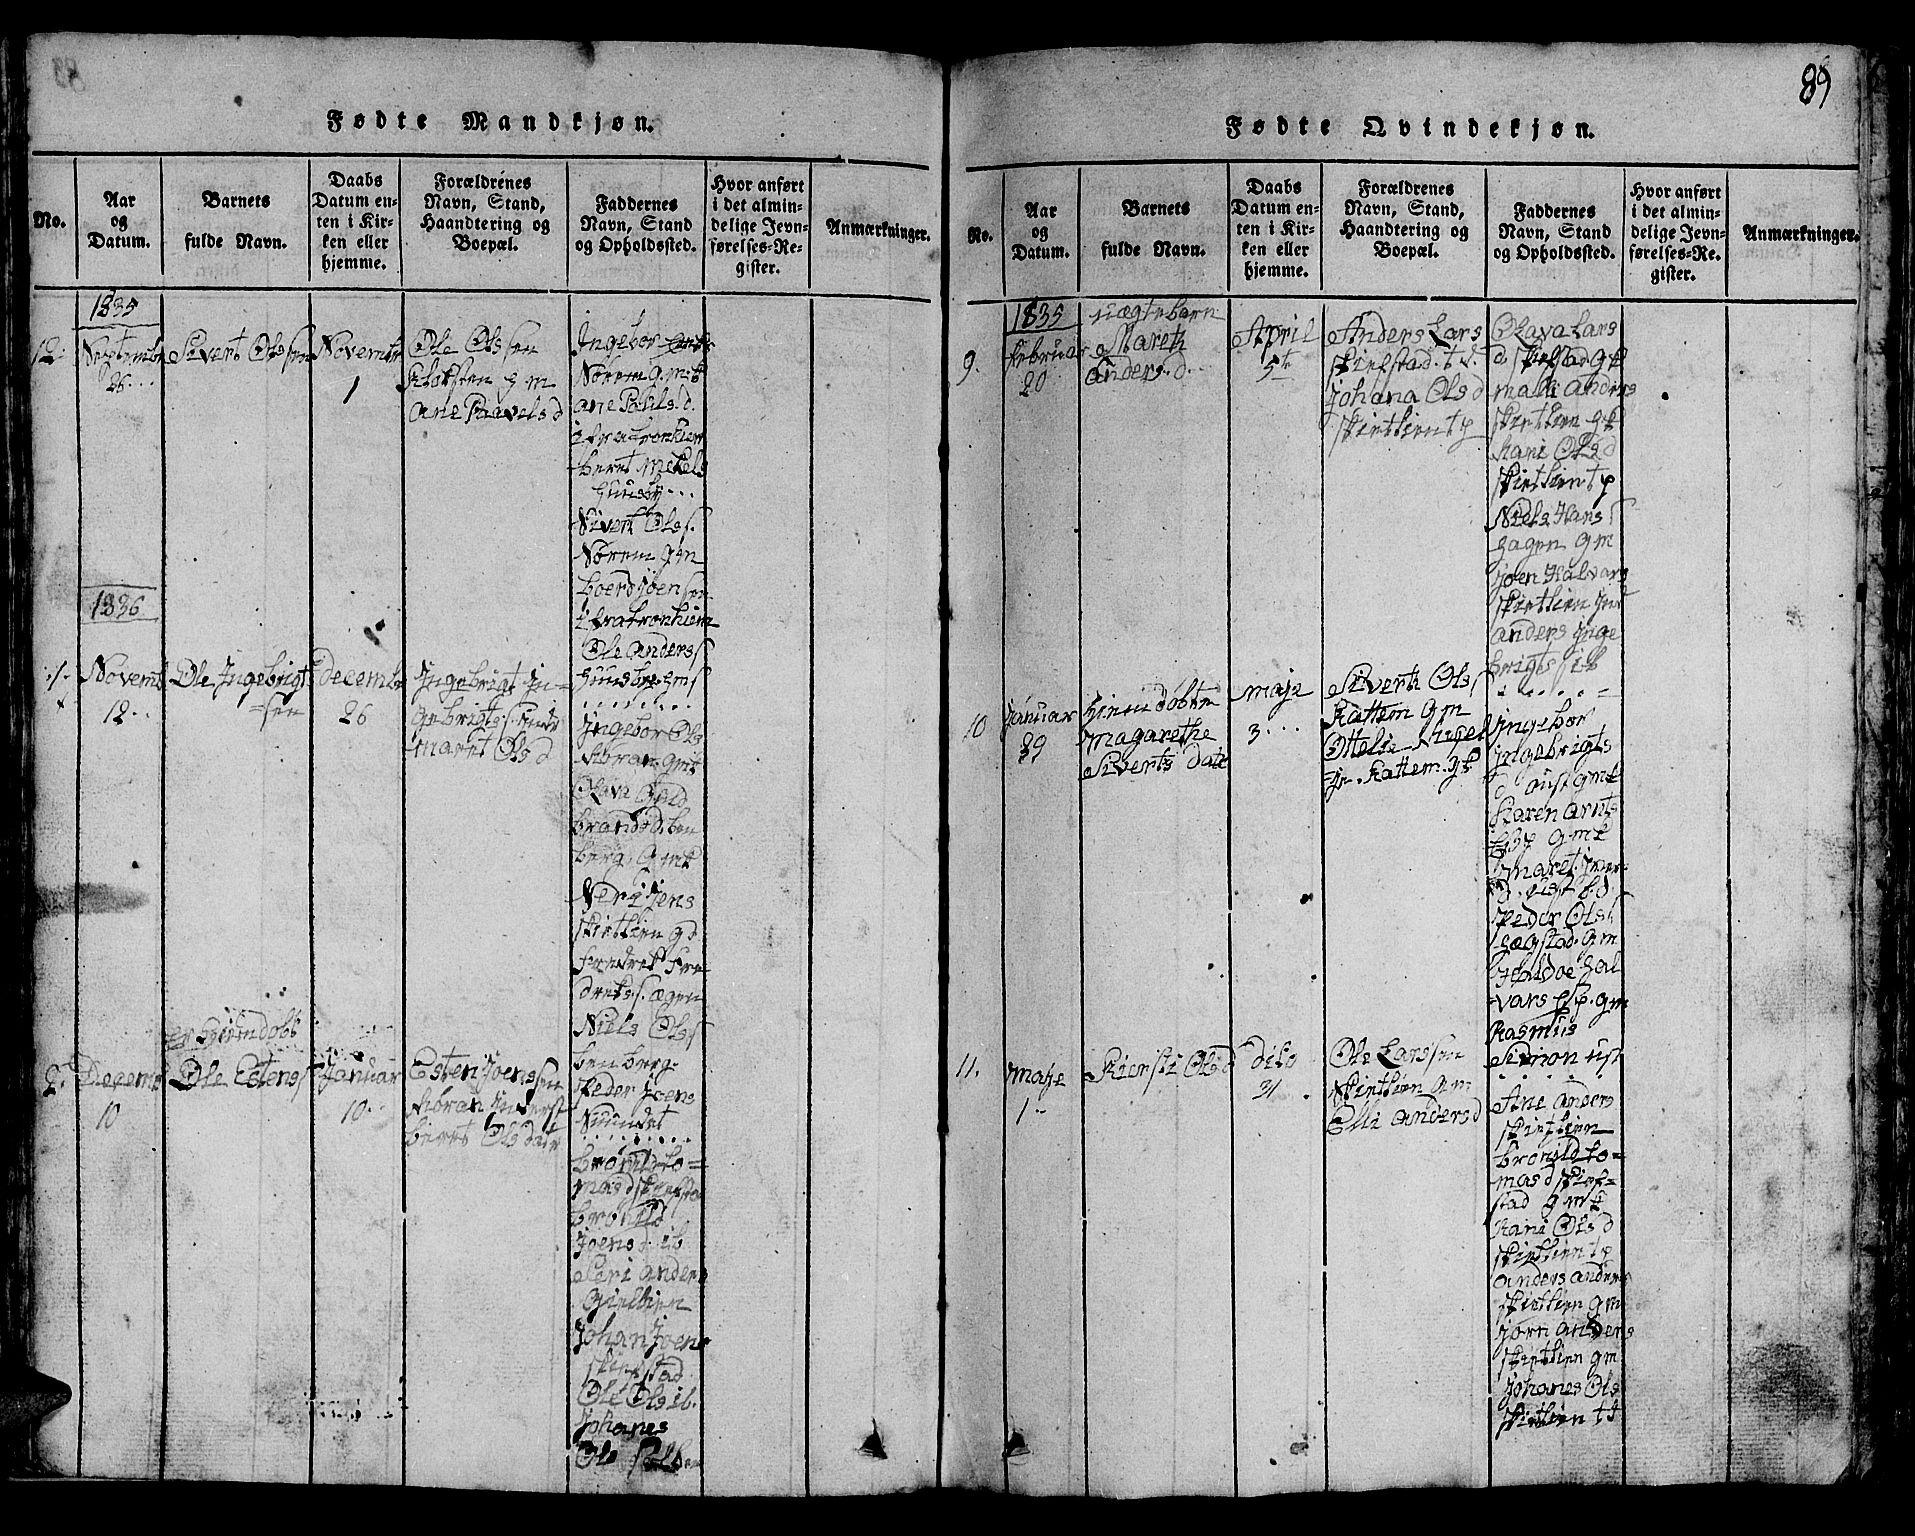 SAT, Ministerialprotokoller, klokkerbøker og fødselsregistre - Sør-Trøndelag, 613/L0393: Klokkerbok nr. 613C01, 1816-1886, s. 89